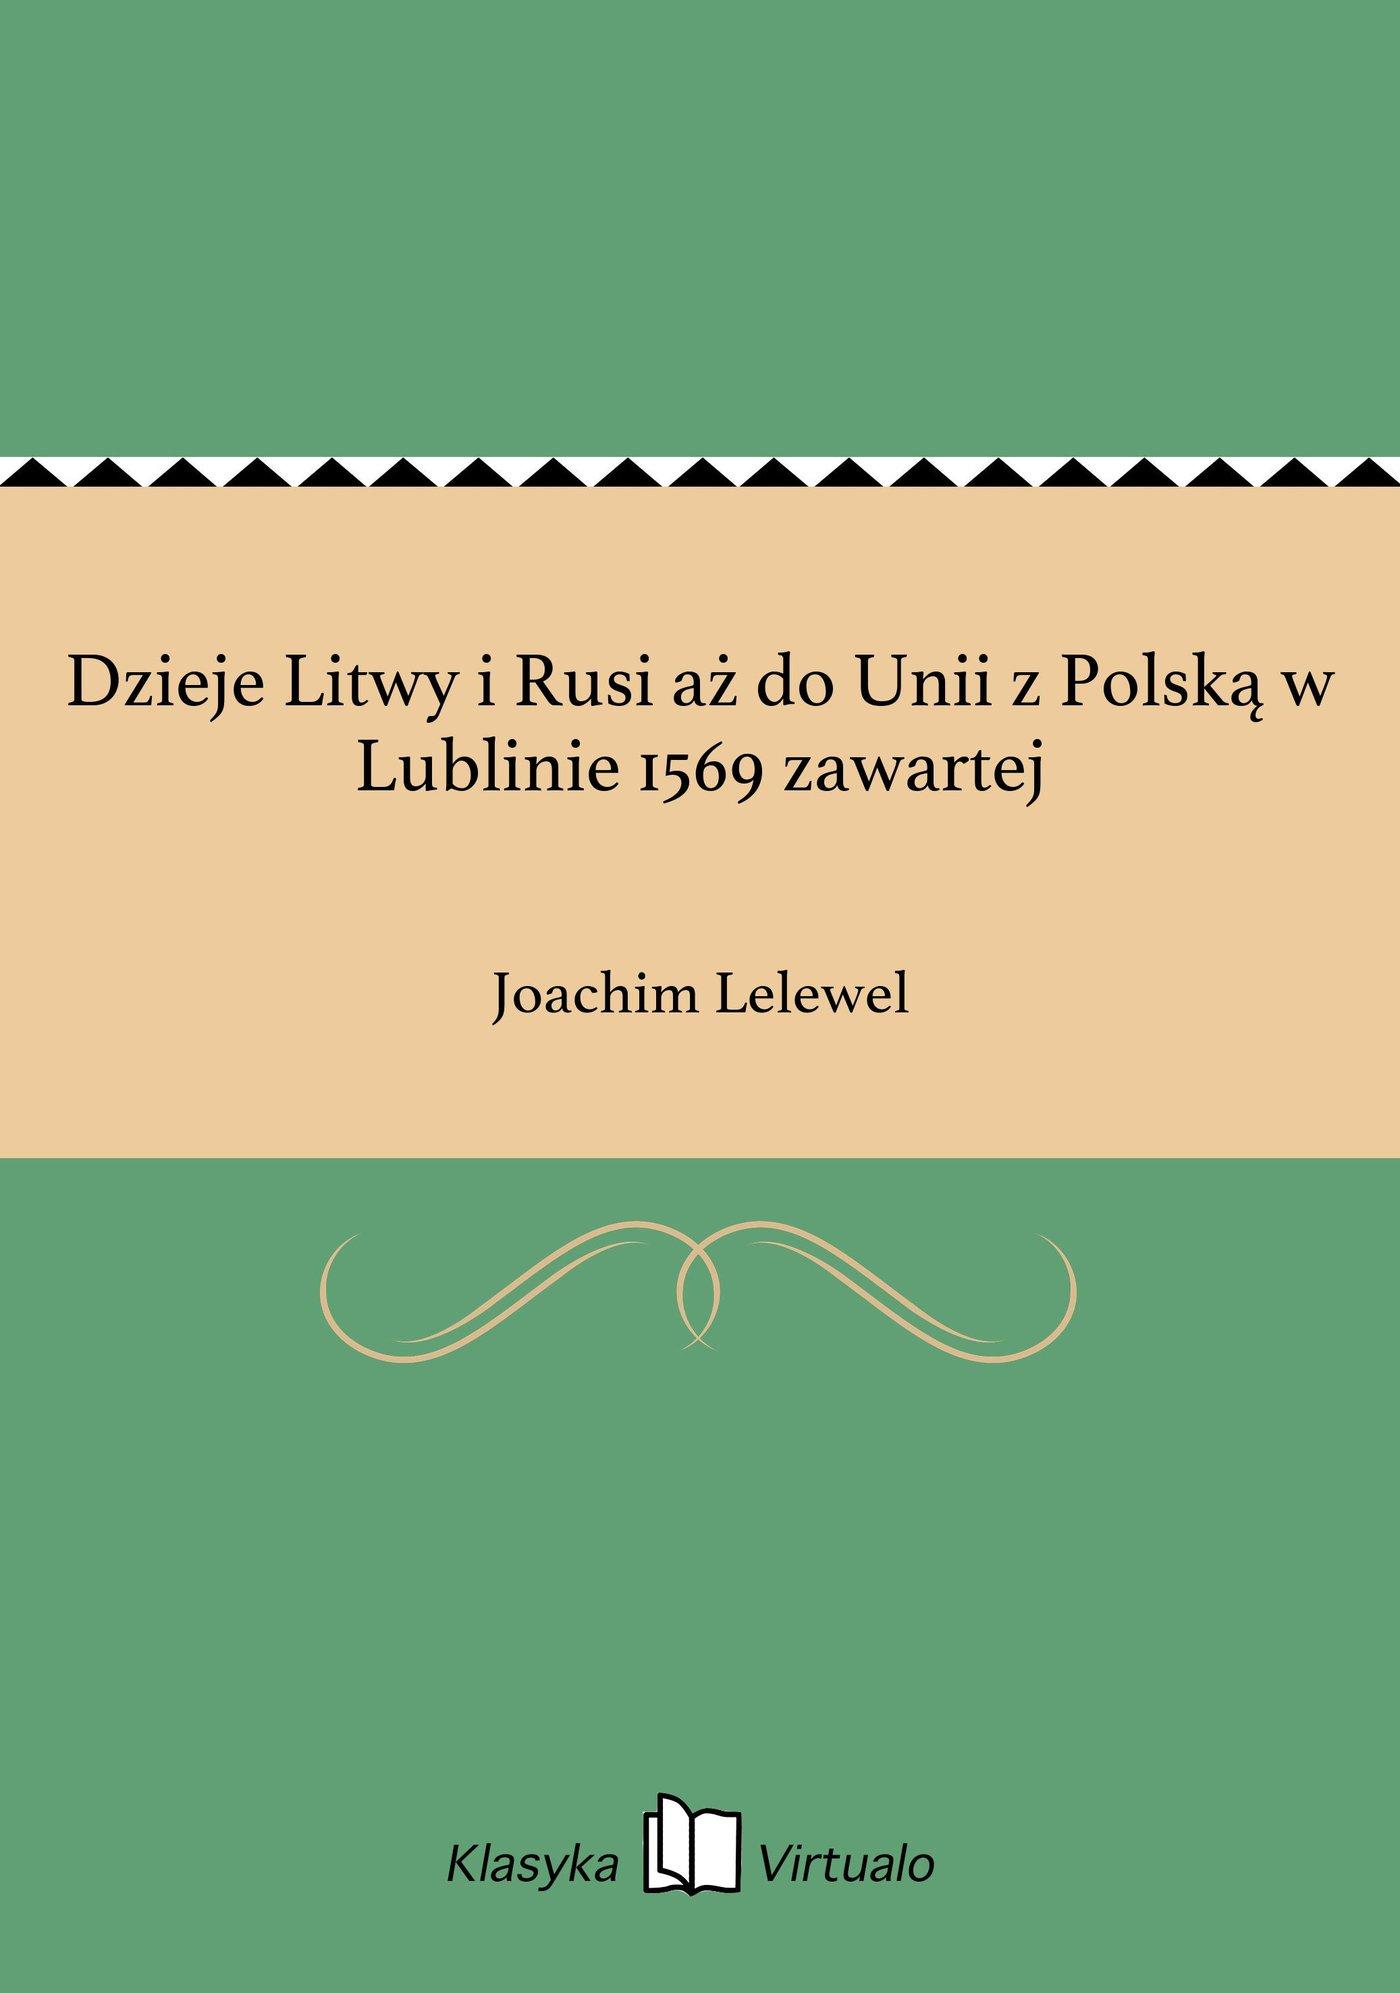 Dzieje Litwy i Rusi aż do Unii z Polską w Lublinie 1569 zawartej - Ebook (Książka EPUB) do pobrania w formacie EPUB